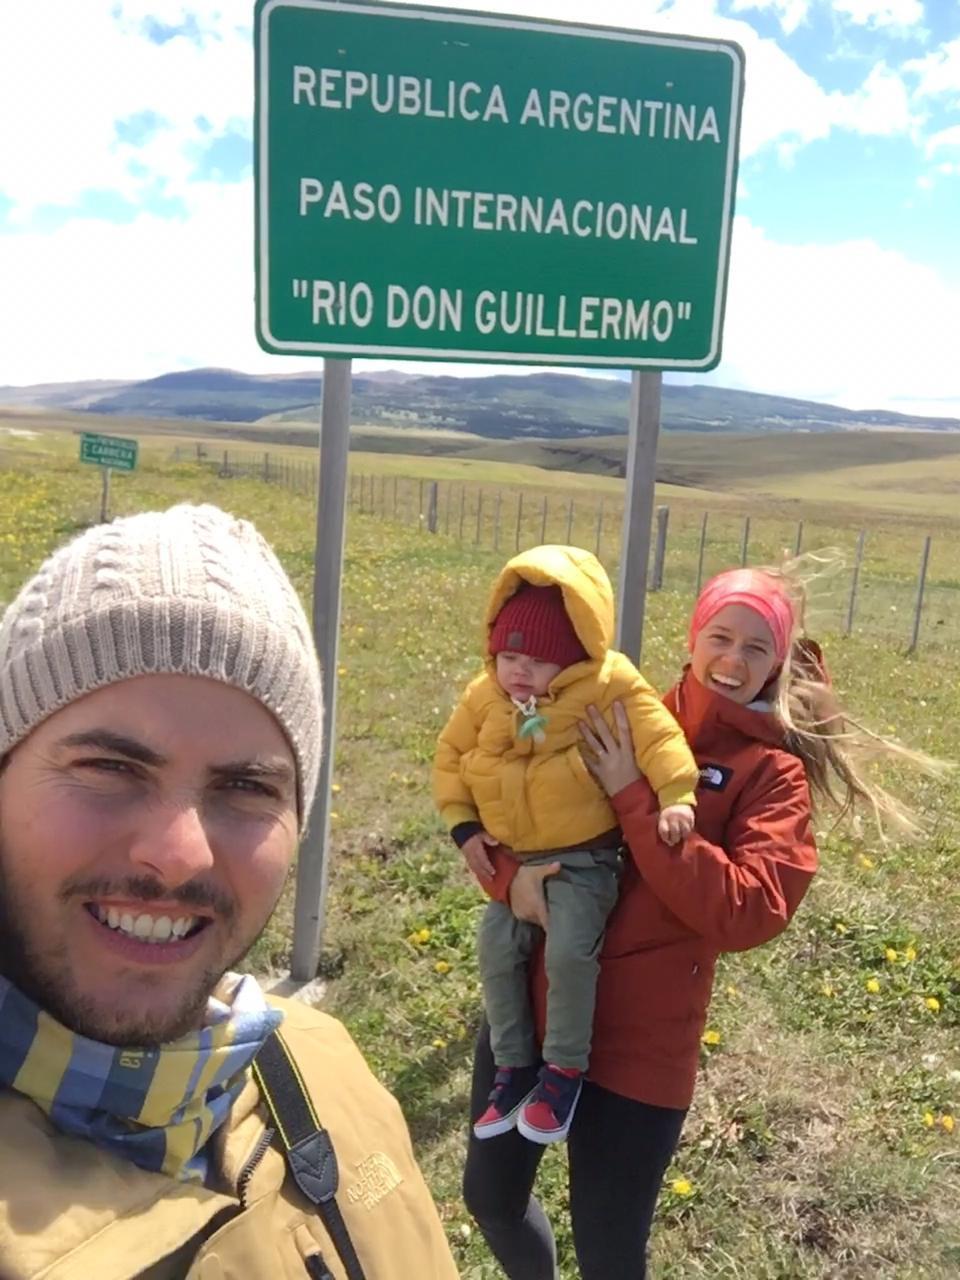 """Paso Internacional de Argentina a Chile """"Rio Don Guillermo"""""""